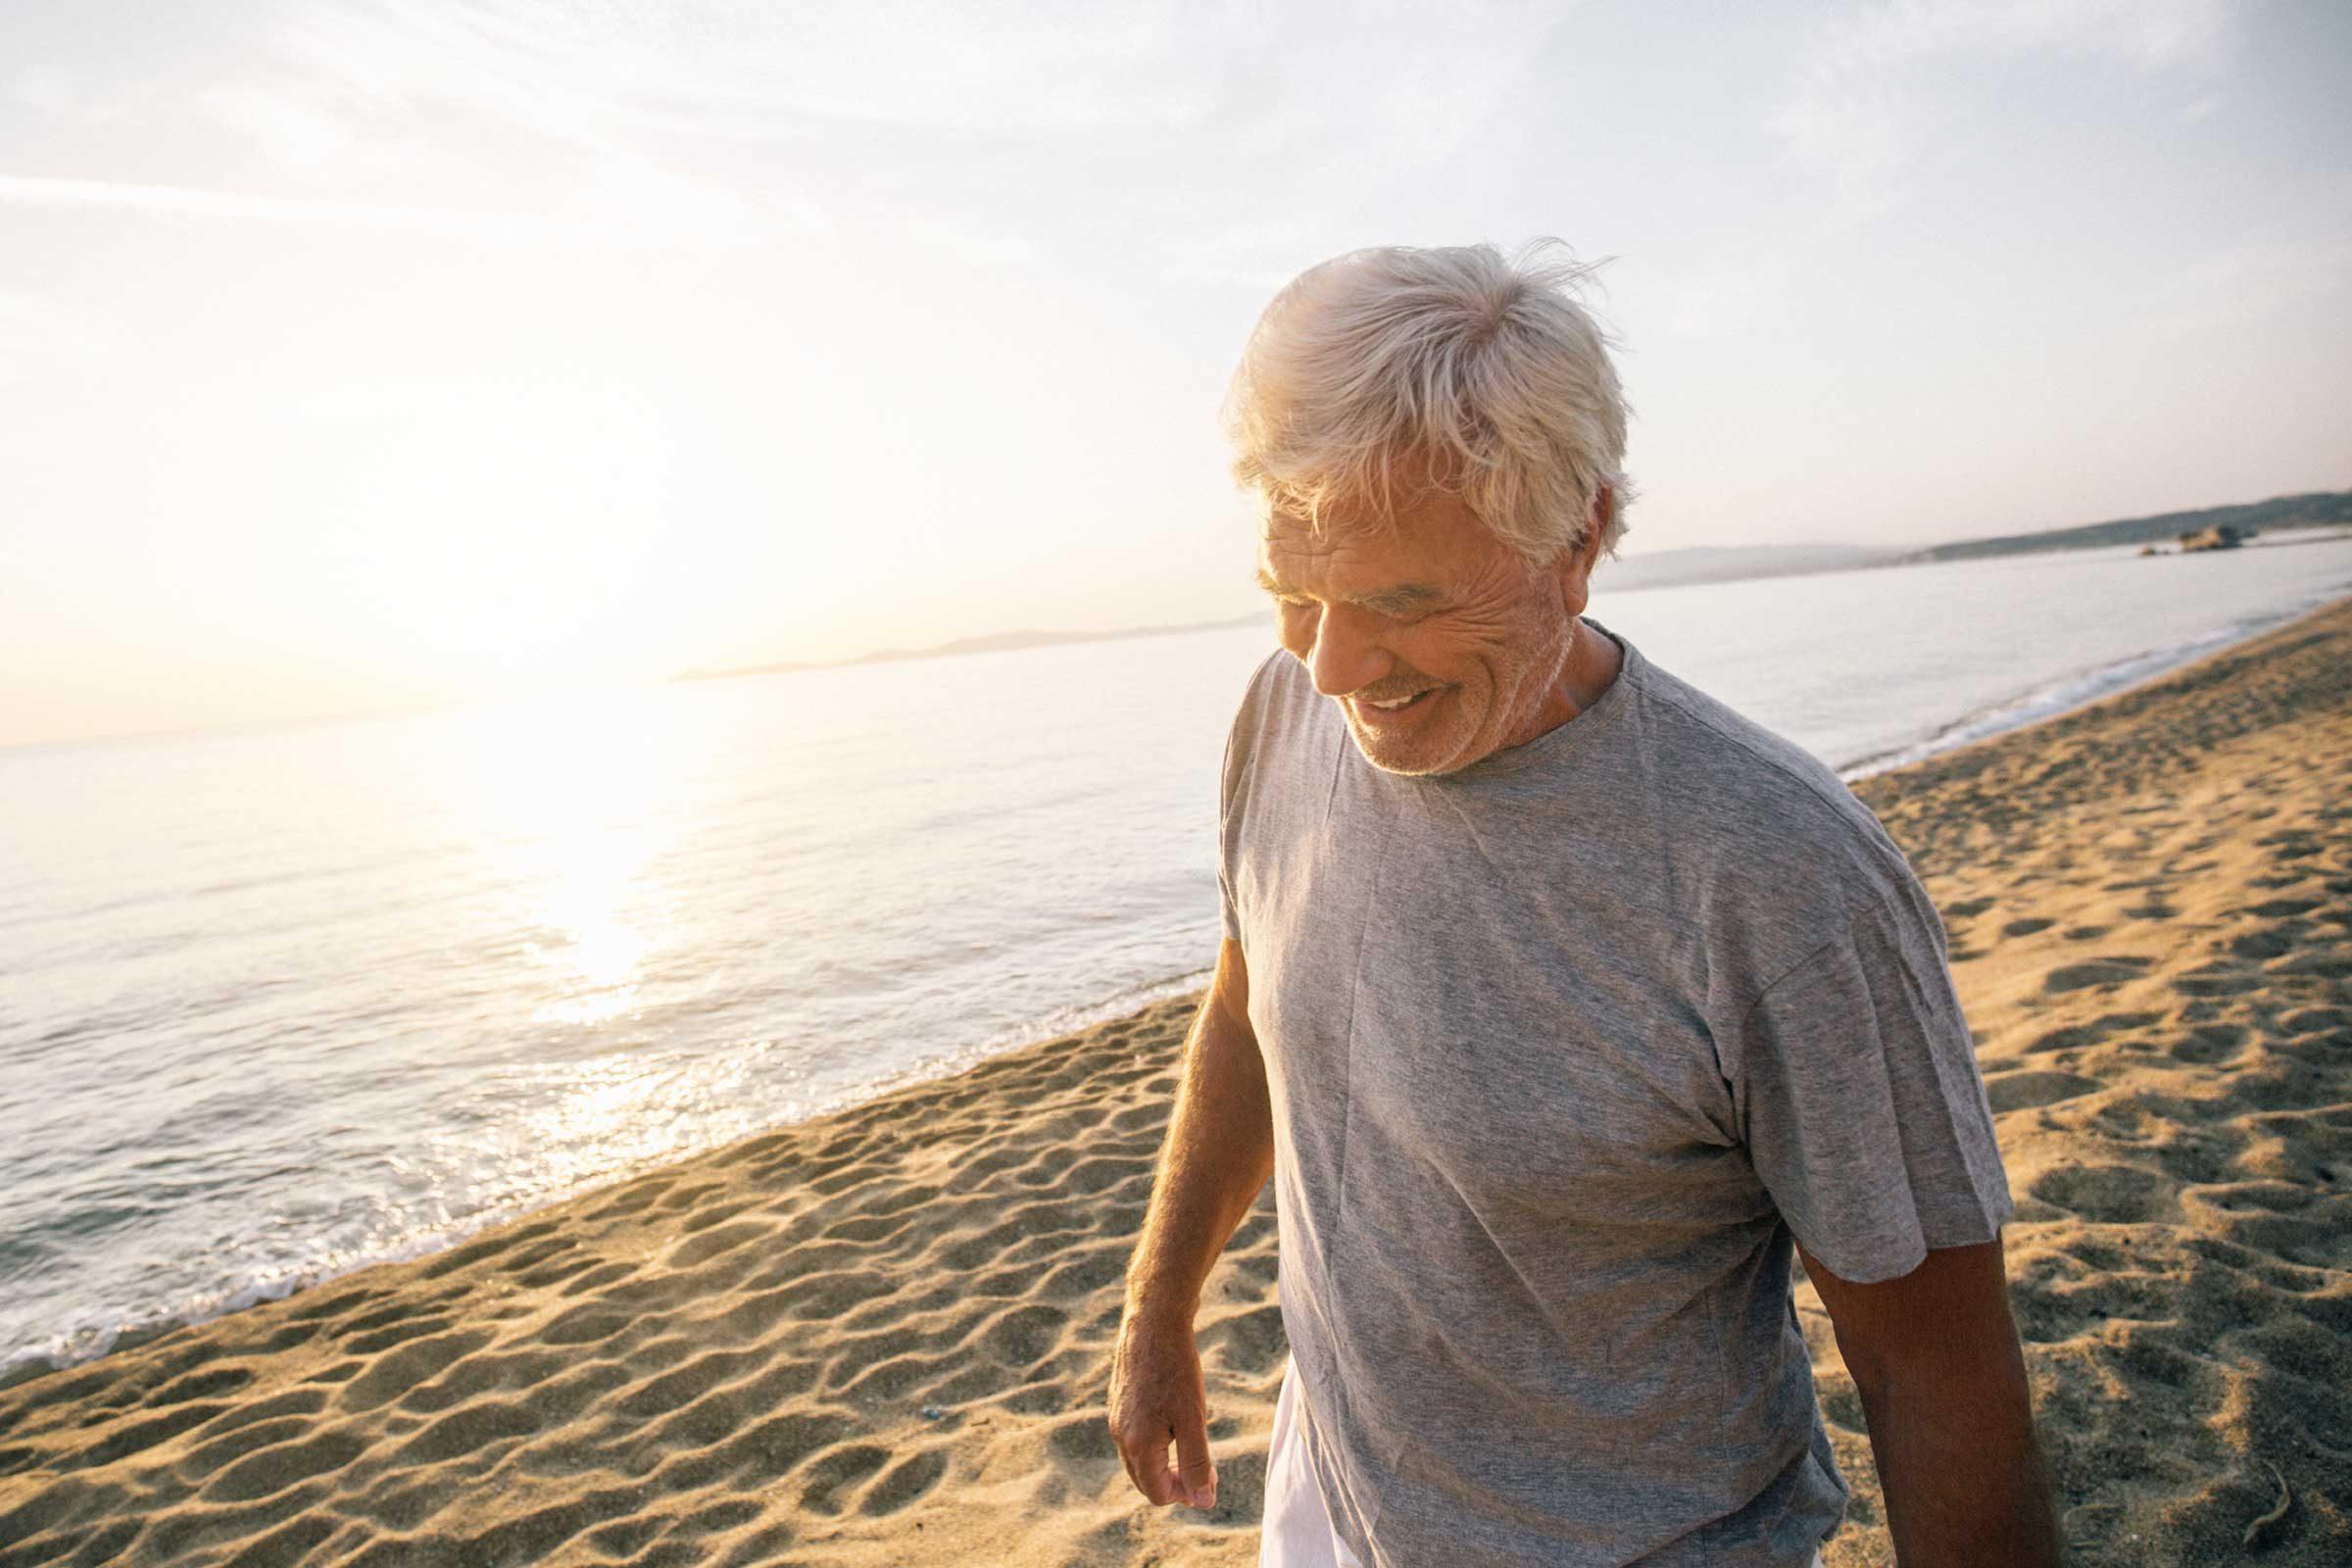 Le corps peut ajouter des années à de vie en se sentant utile et heureux